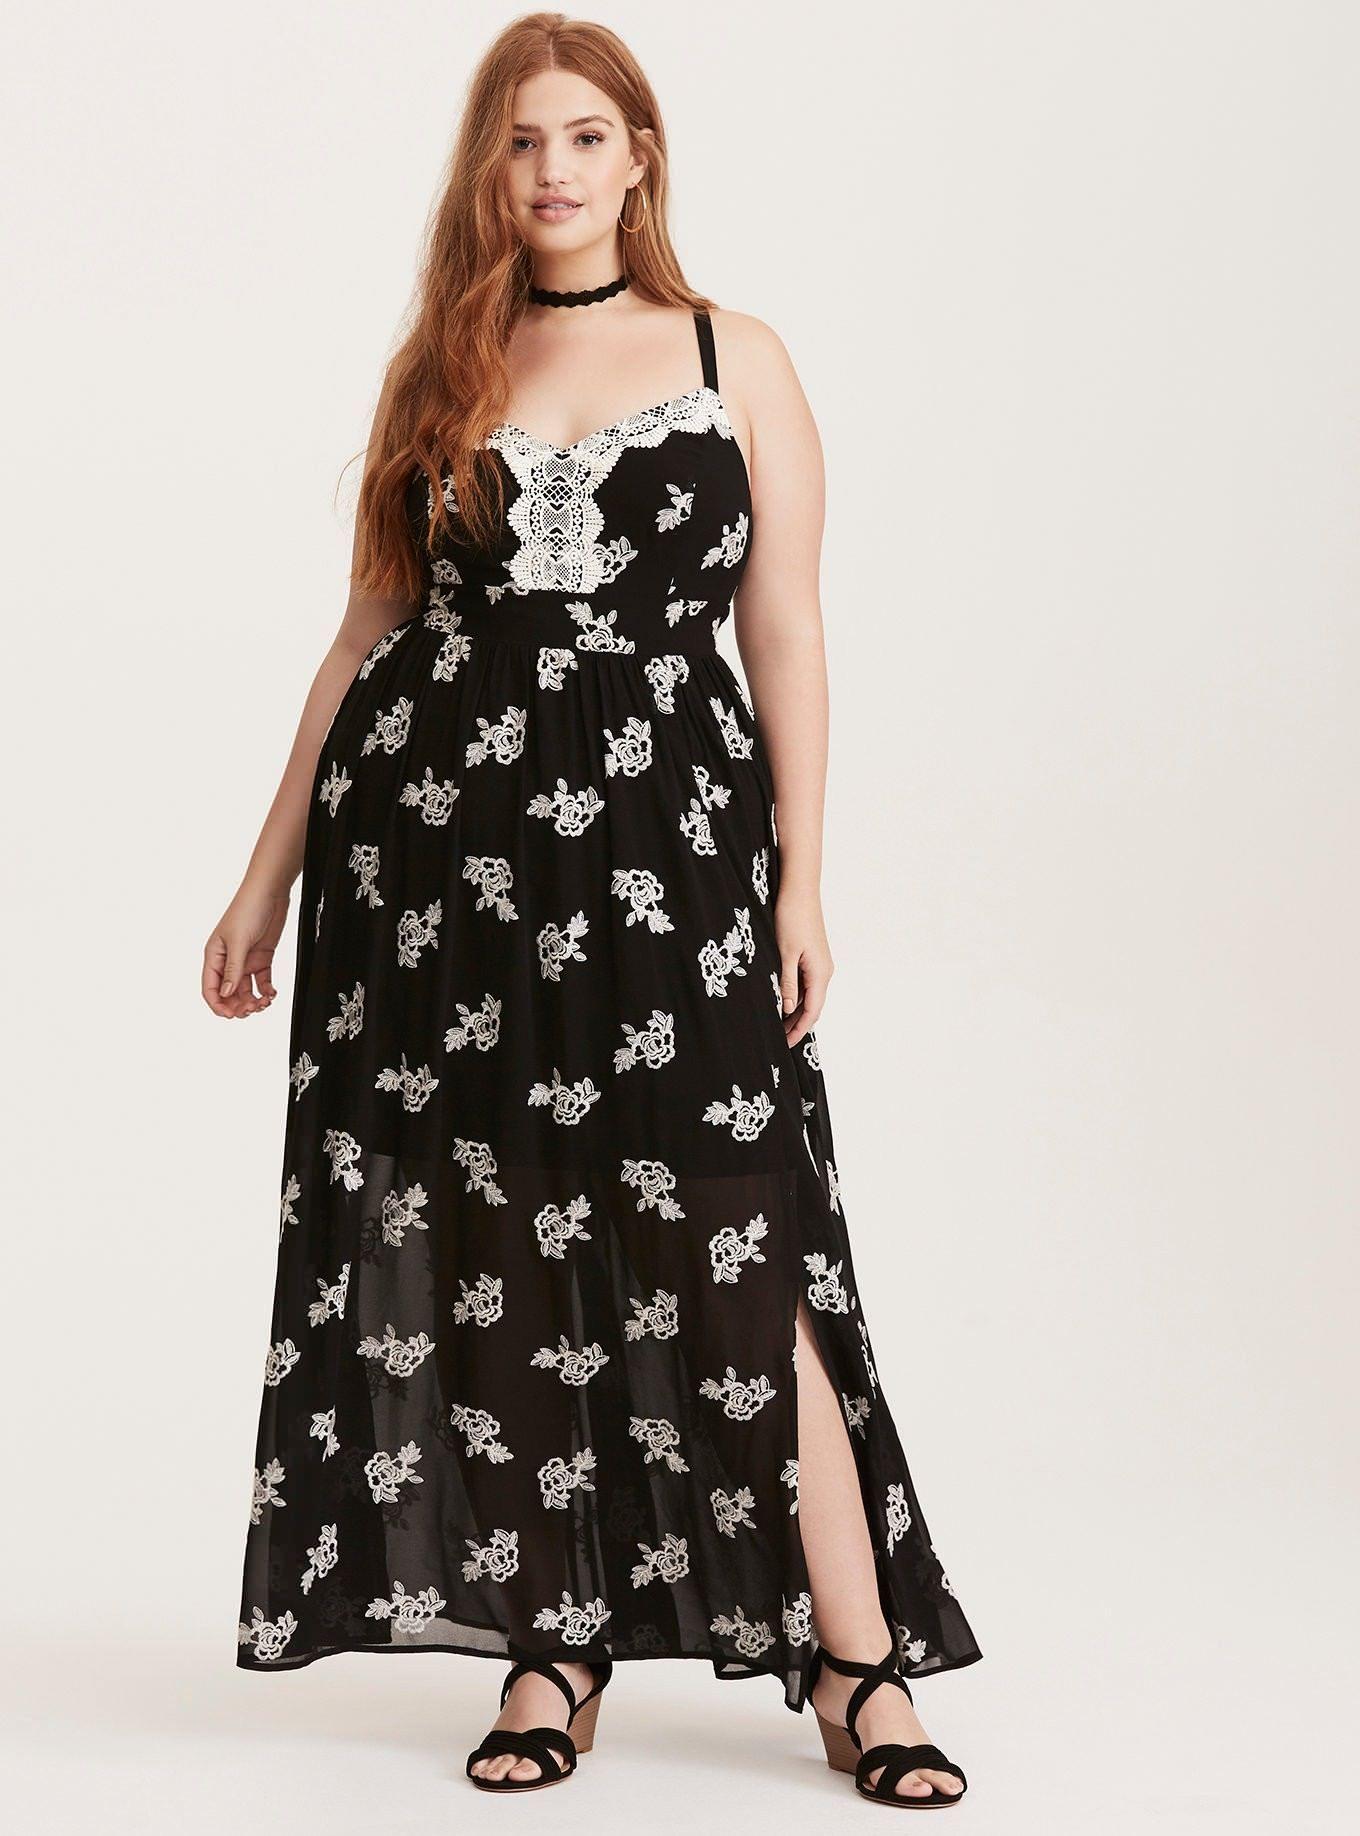 Длинные платья для полных женщин могут быть очень разными – прямыми,  расклешенными или даже многослойными. В выборе цветов тоже ограничений нет,  ... 807163add69